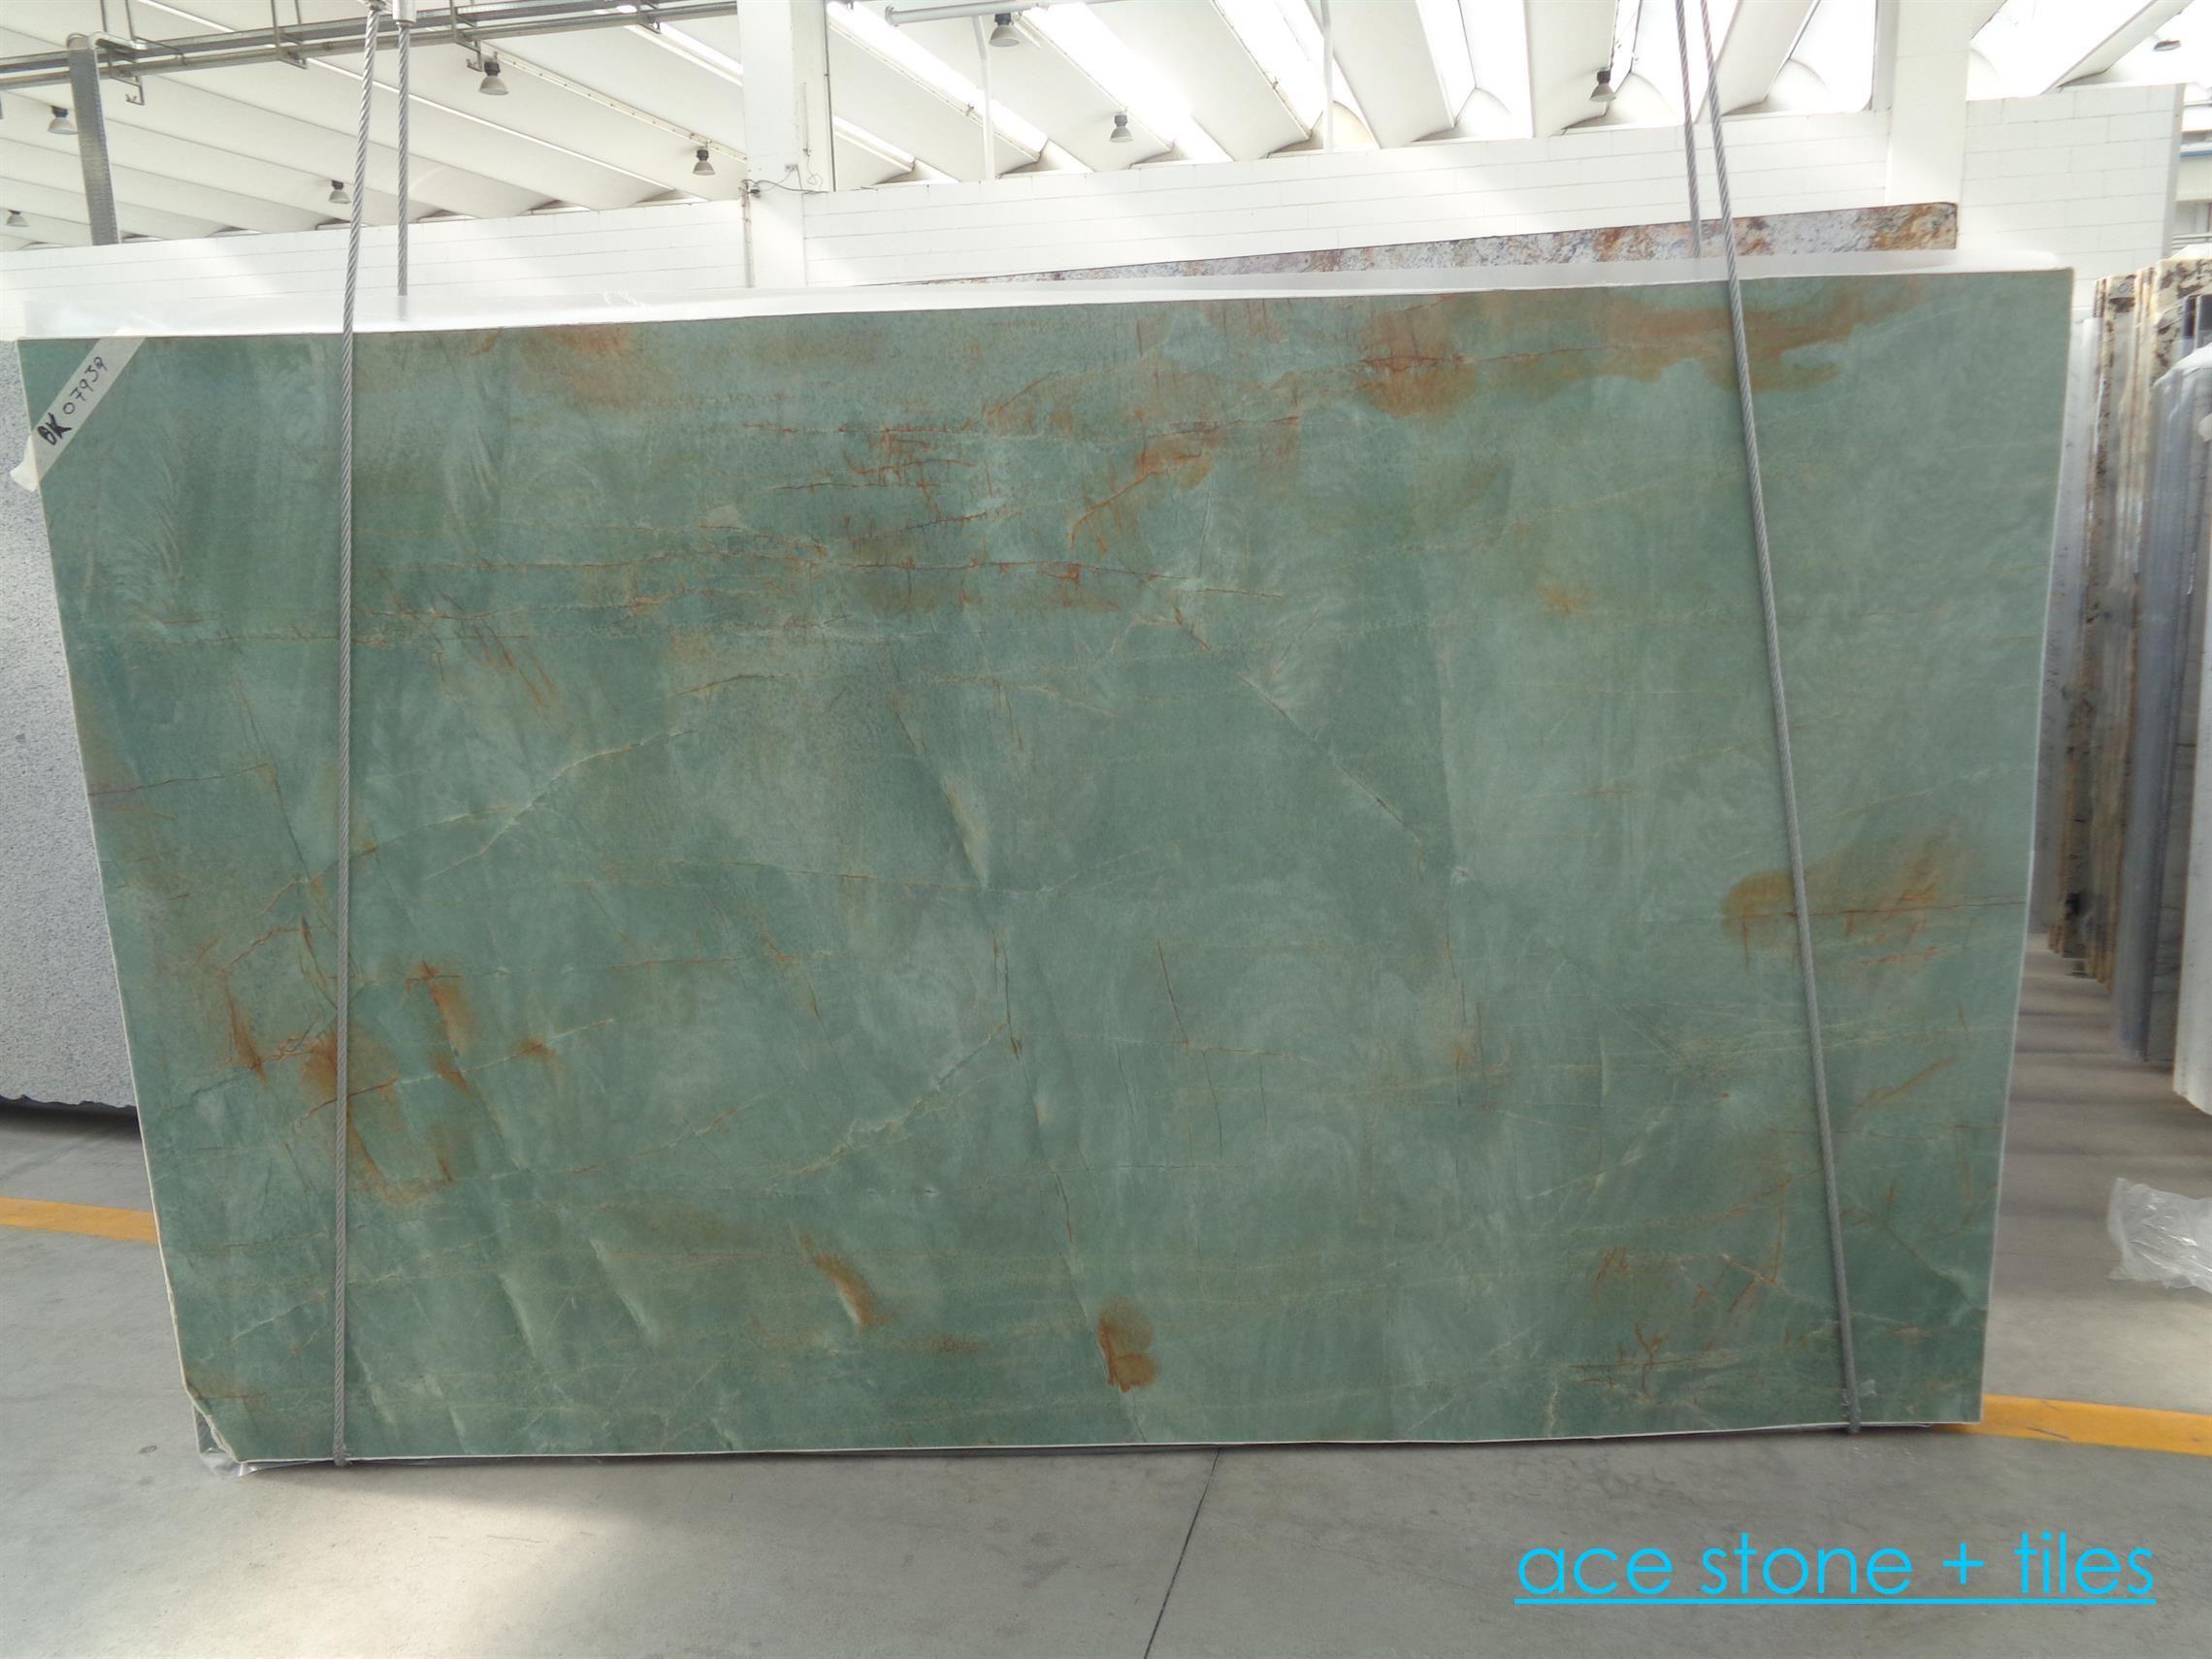 Surprising Emerald Quartzite Suitable For Kitchen Bench Top Surfaces Inzonedesignstudio Interior Chair Design Inzonedesignstudiocom